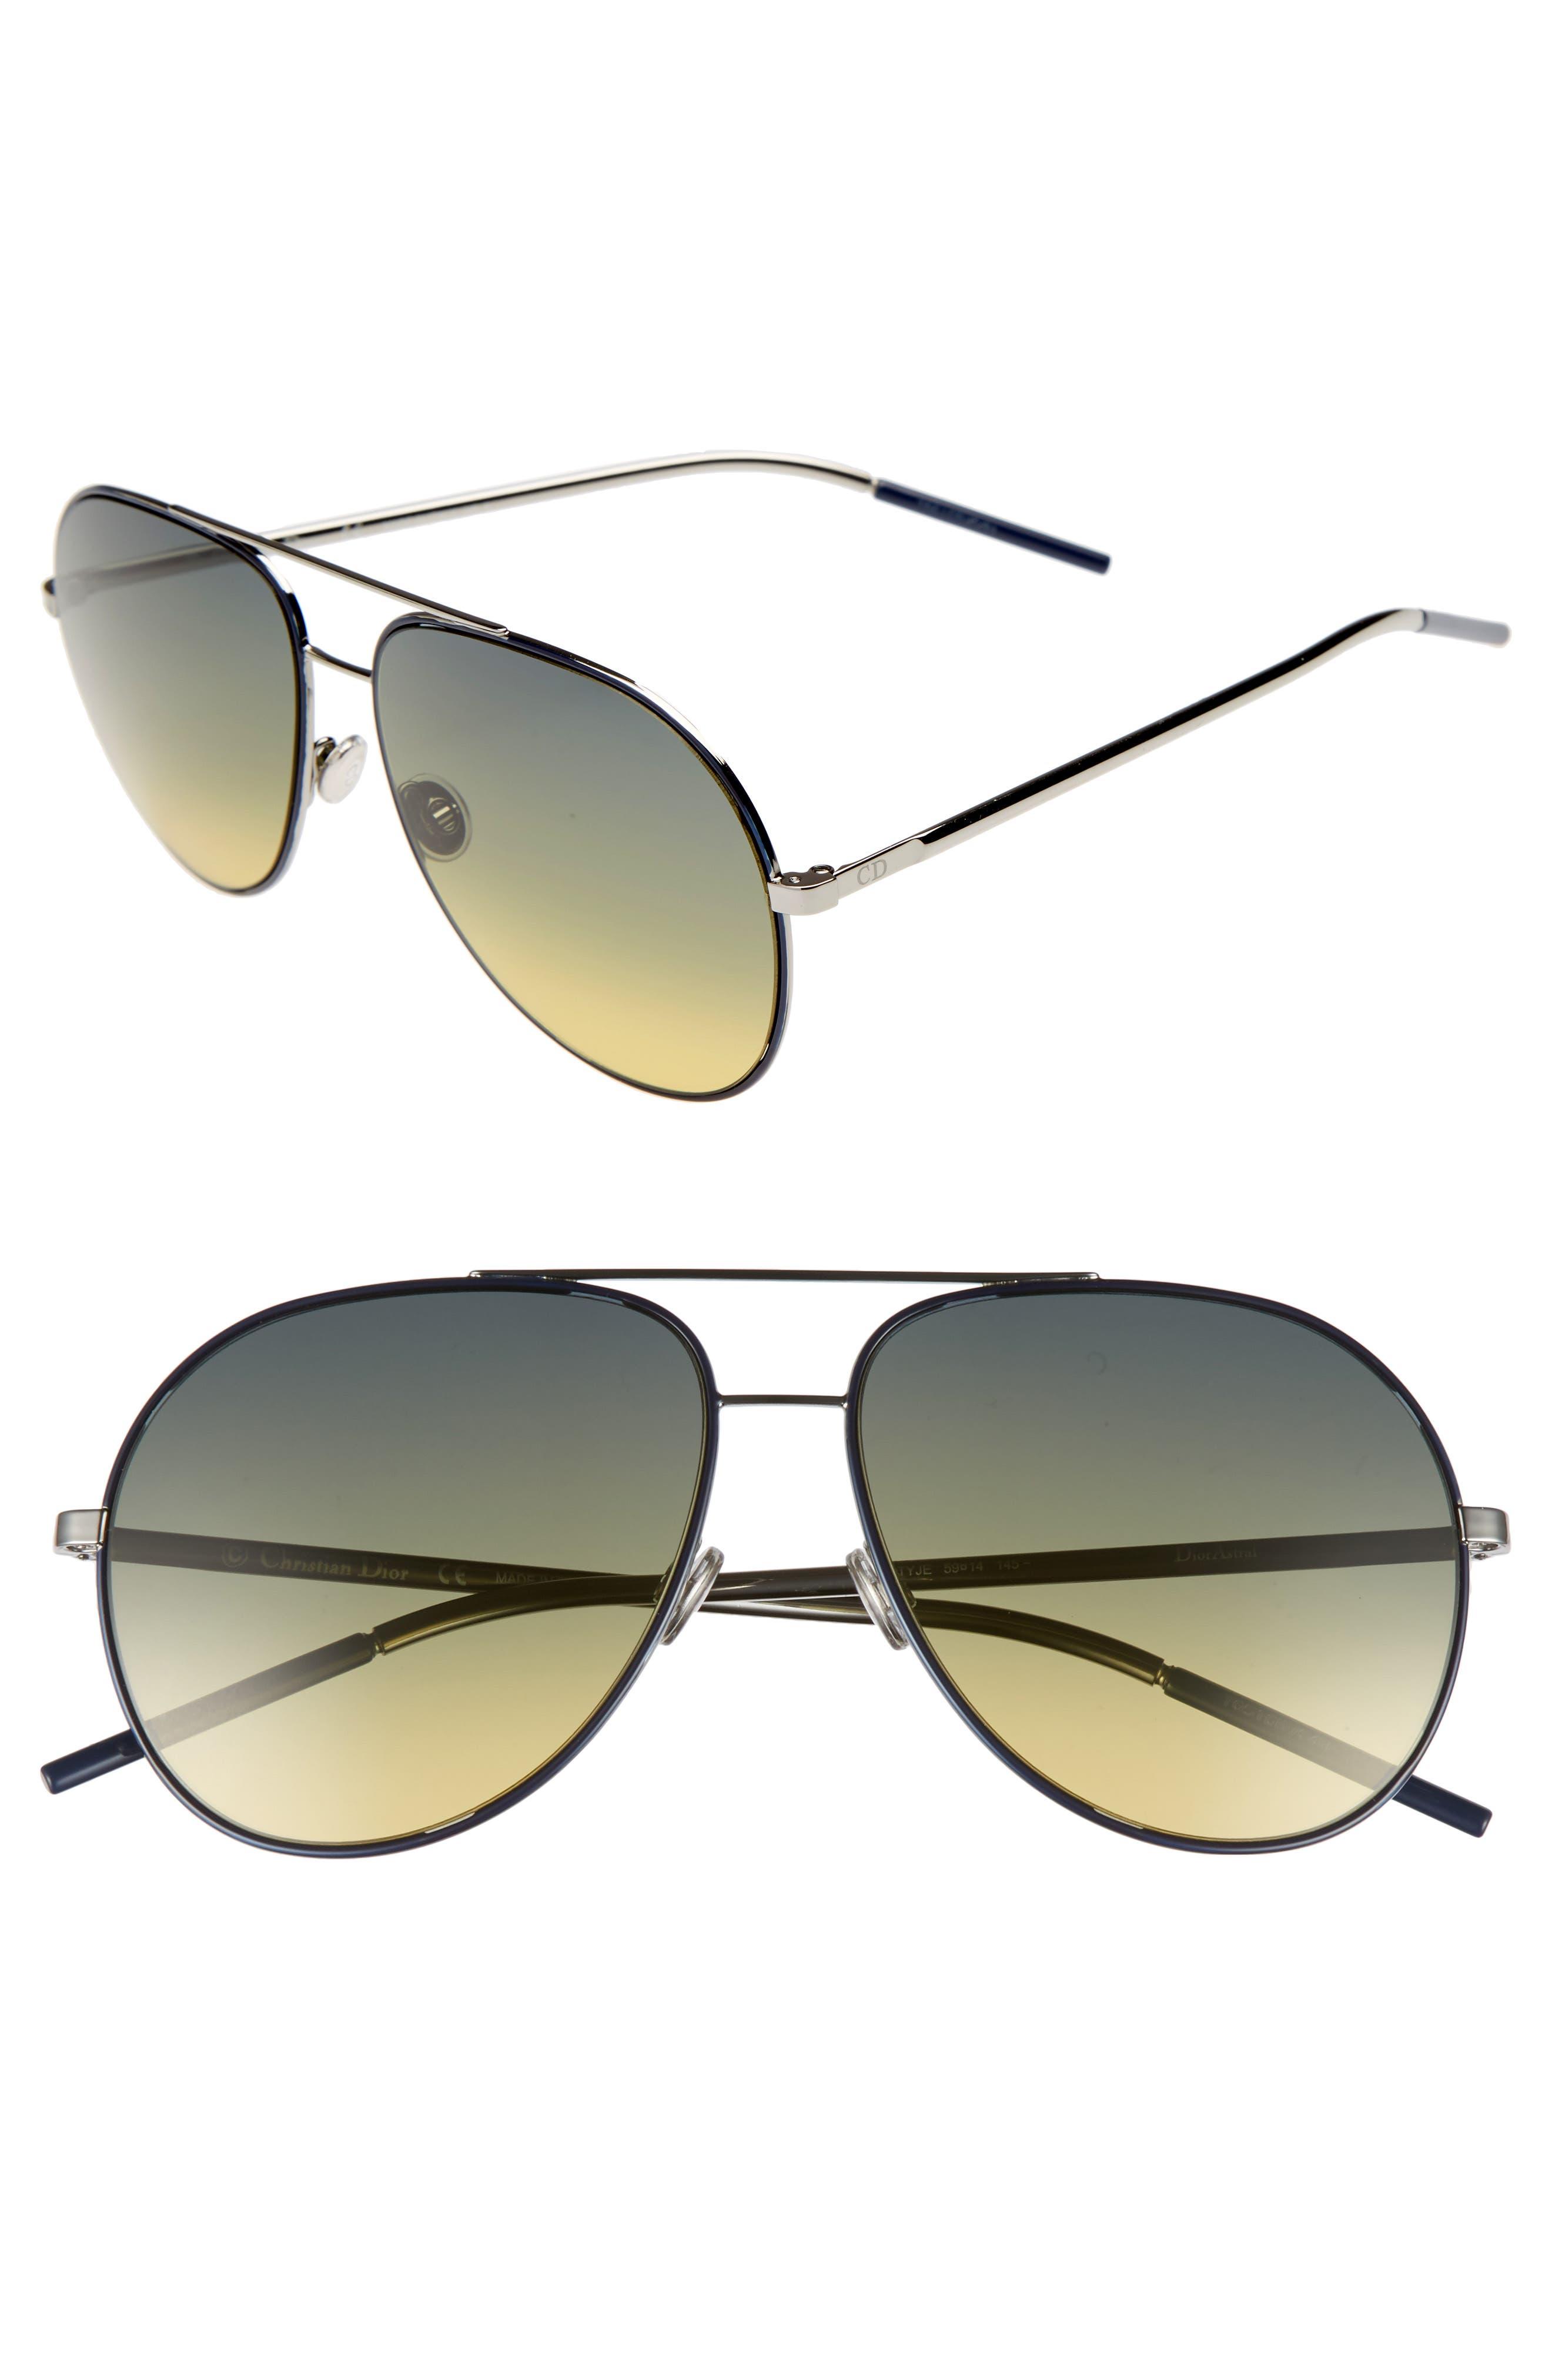 Astrals 59mm Aviator Sunglasses,                         Main,                         color, Blue Ruthenium